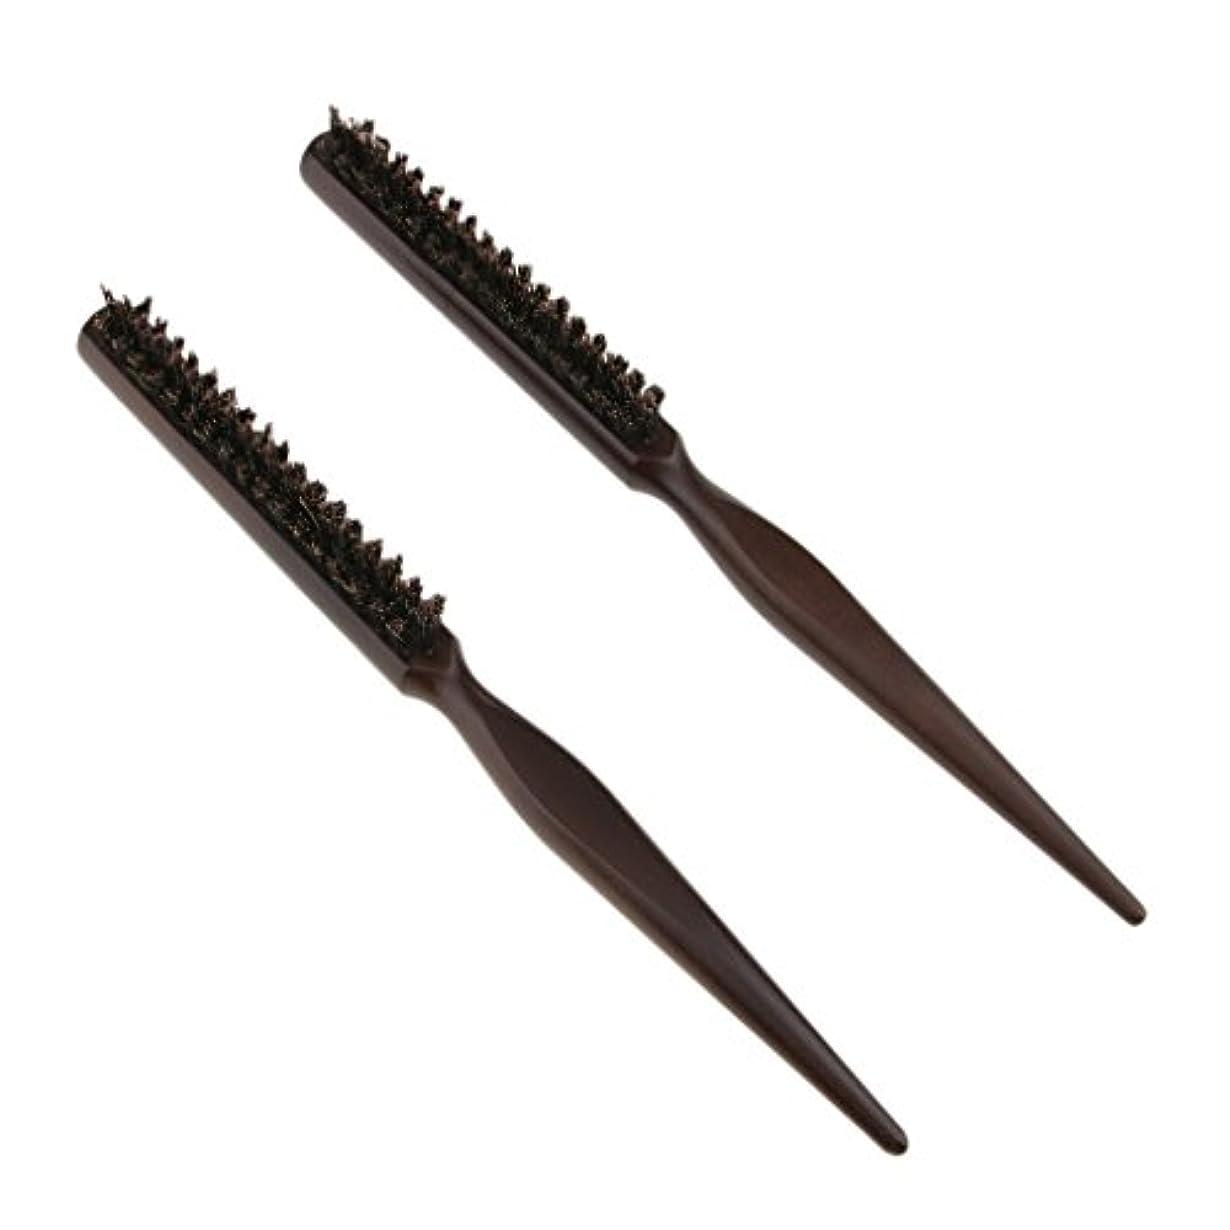 ラメコンセンサスコロニアル2本3行木材自然の剛毛のおしゃぶりブラシの後ろのブラシのブラシ24センチメートル